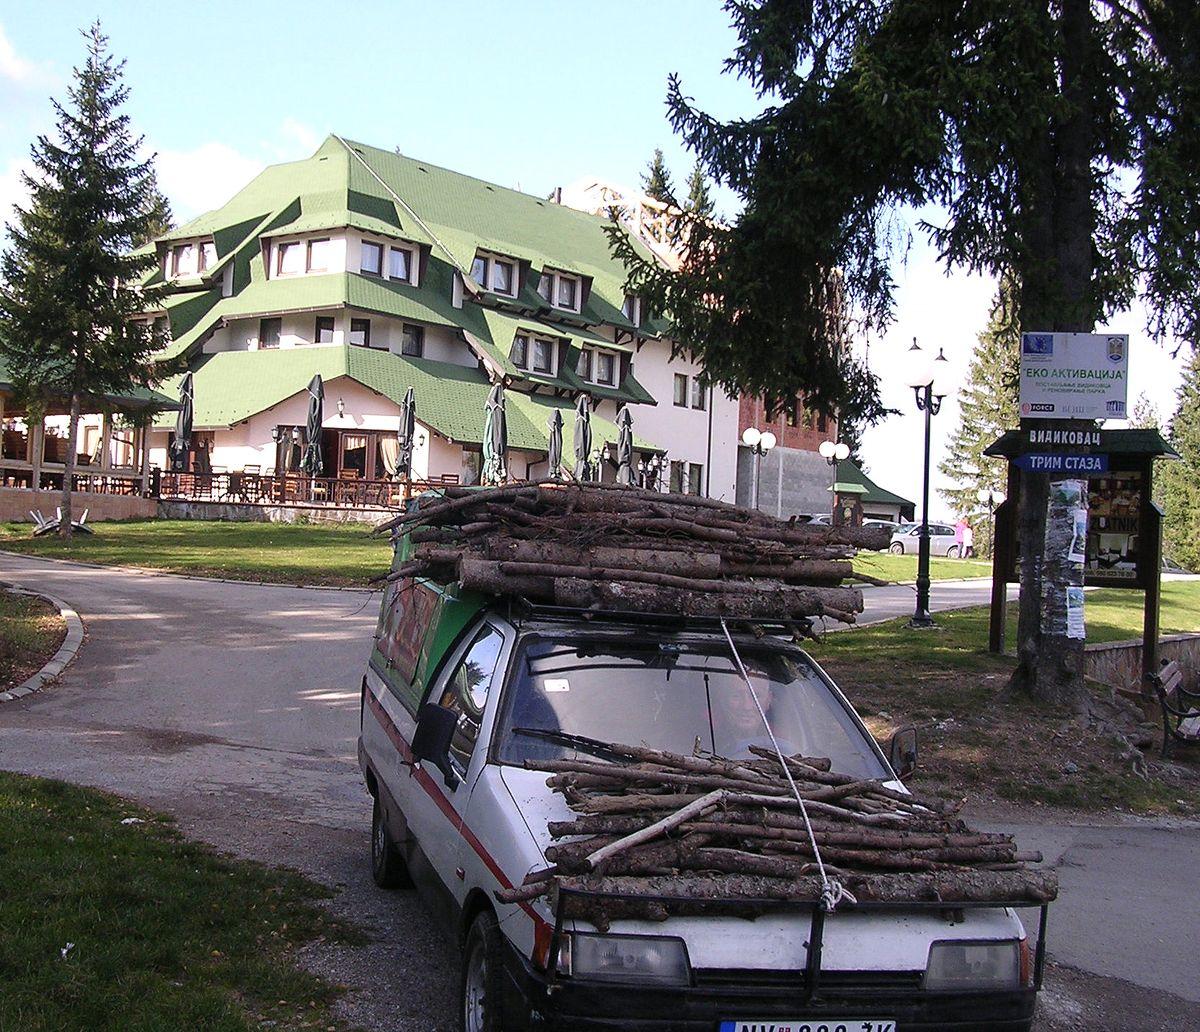 ОГРЕВ – довијање и  сналажњивост, на дохват руке су вржине, а и шумари не бране чишћење шума